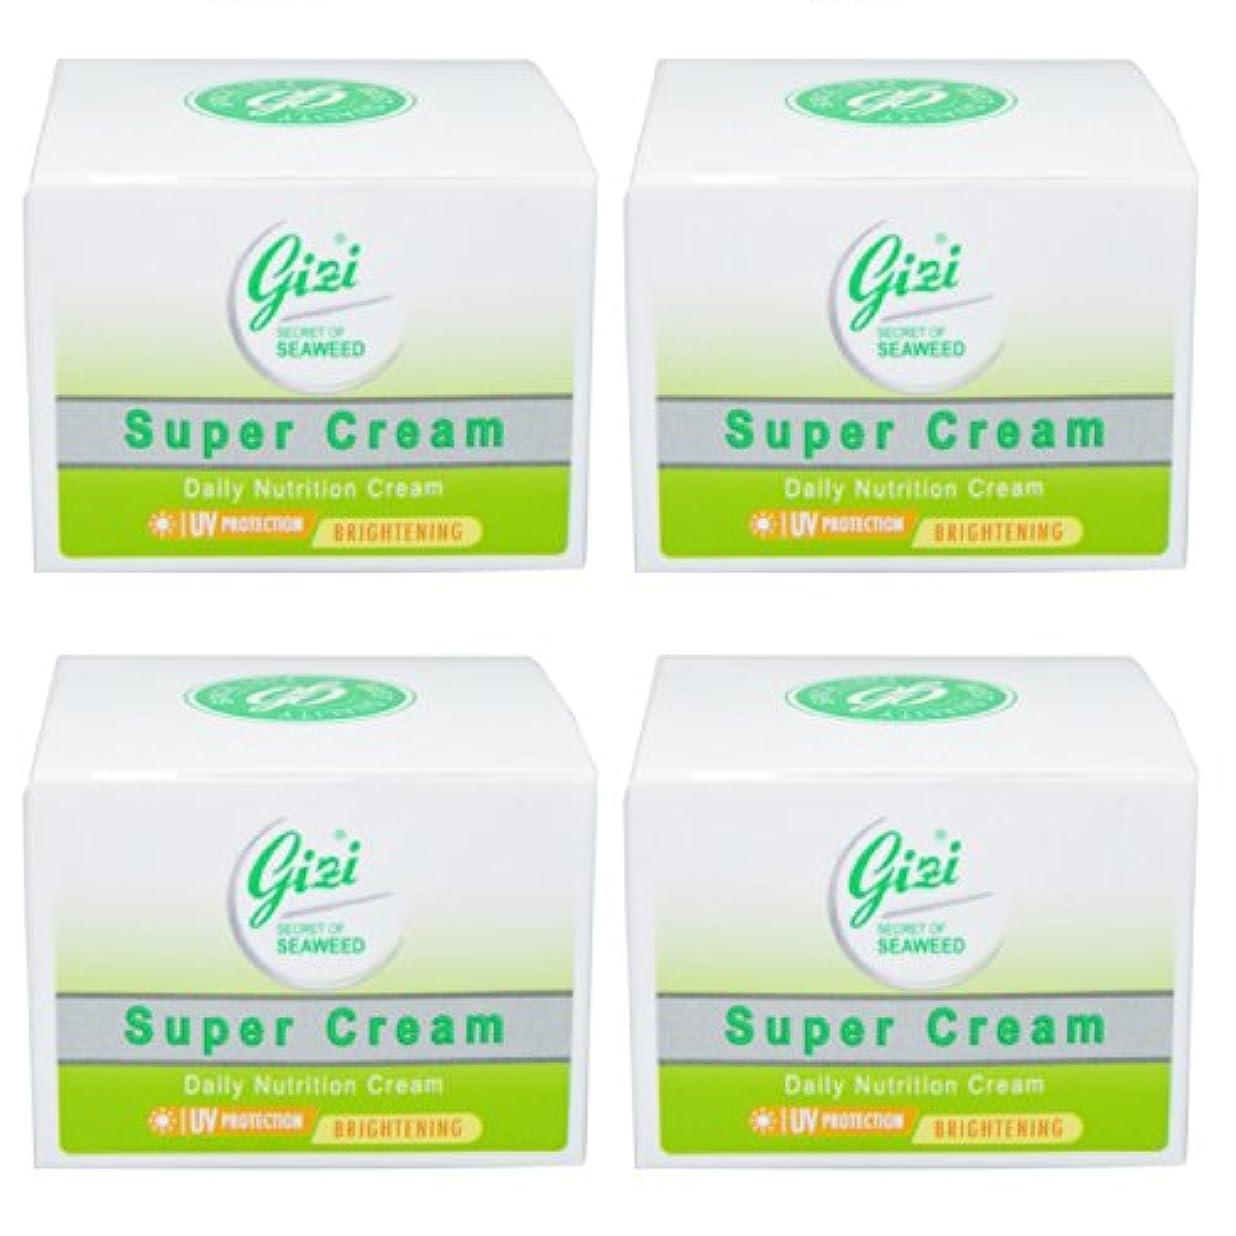 刺激する選択バイオリニストGIZI Super Cream(ギジ スーパークリーム)フェイスクリーム9g 4個セット[並行輸入品][海外直送品]